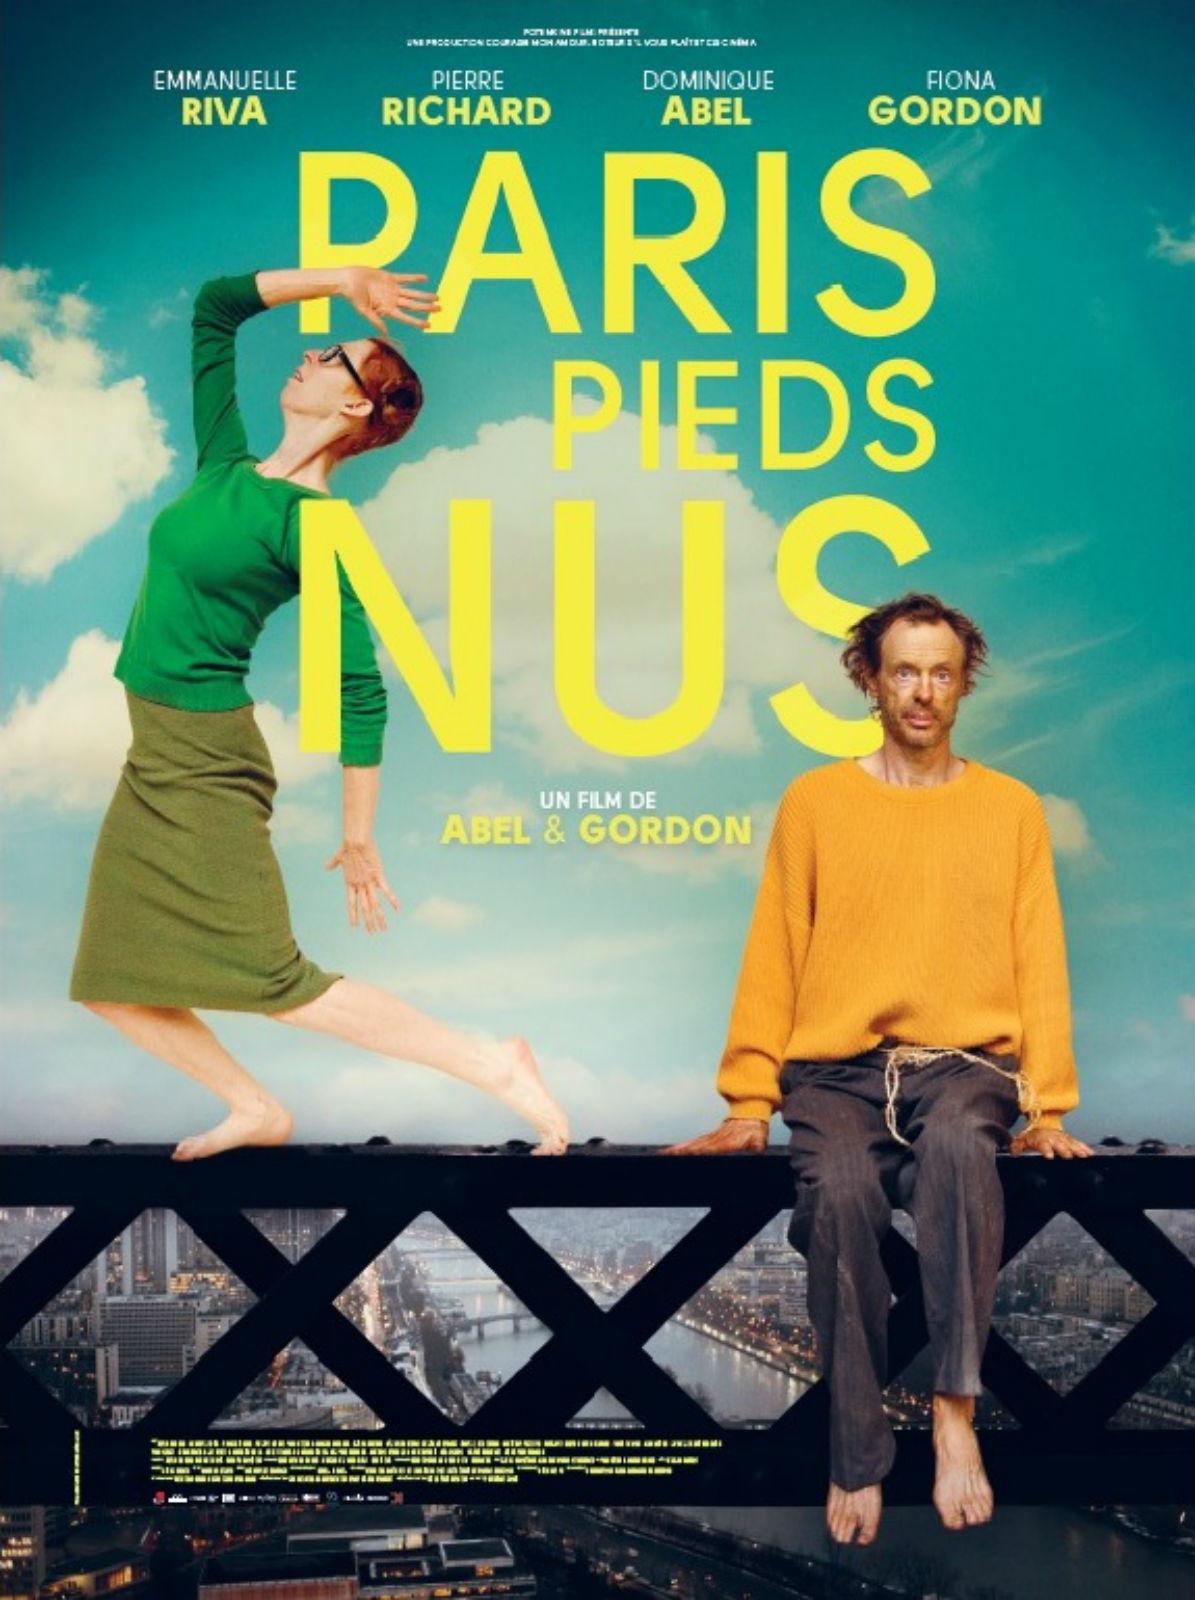 Paris Pieds Nus Film 2016 Allocine